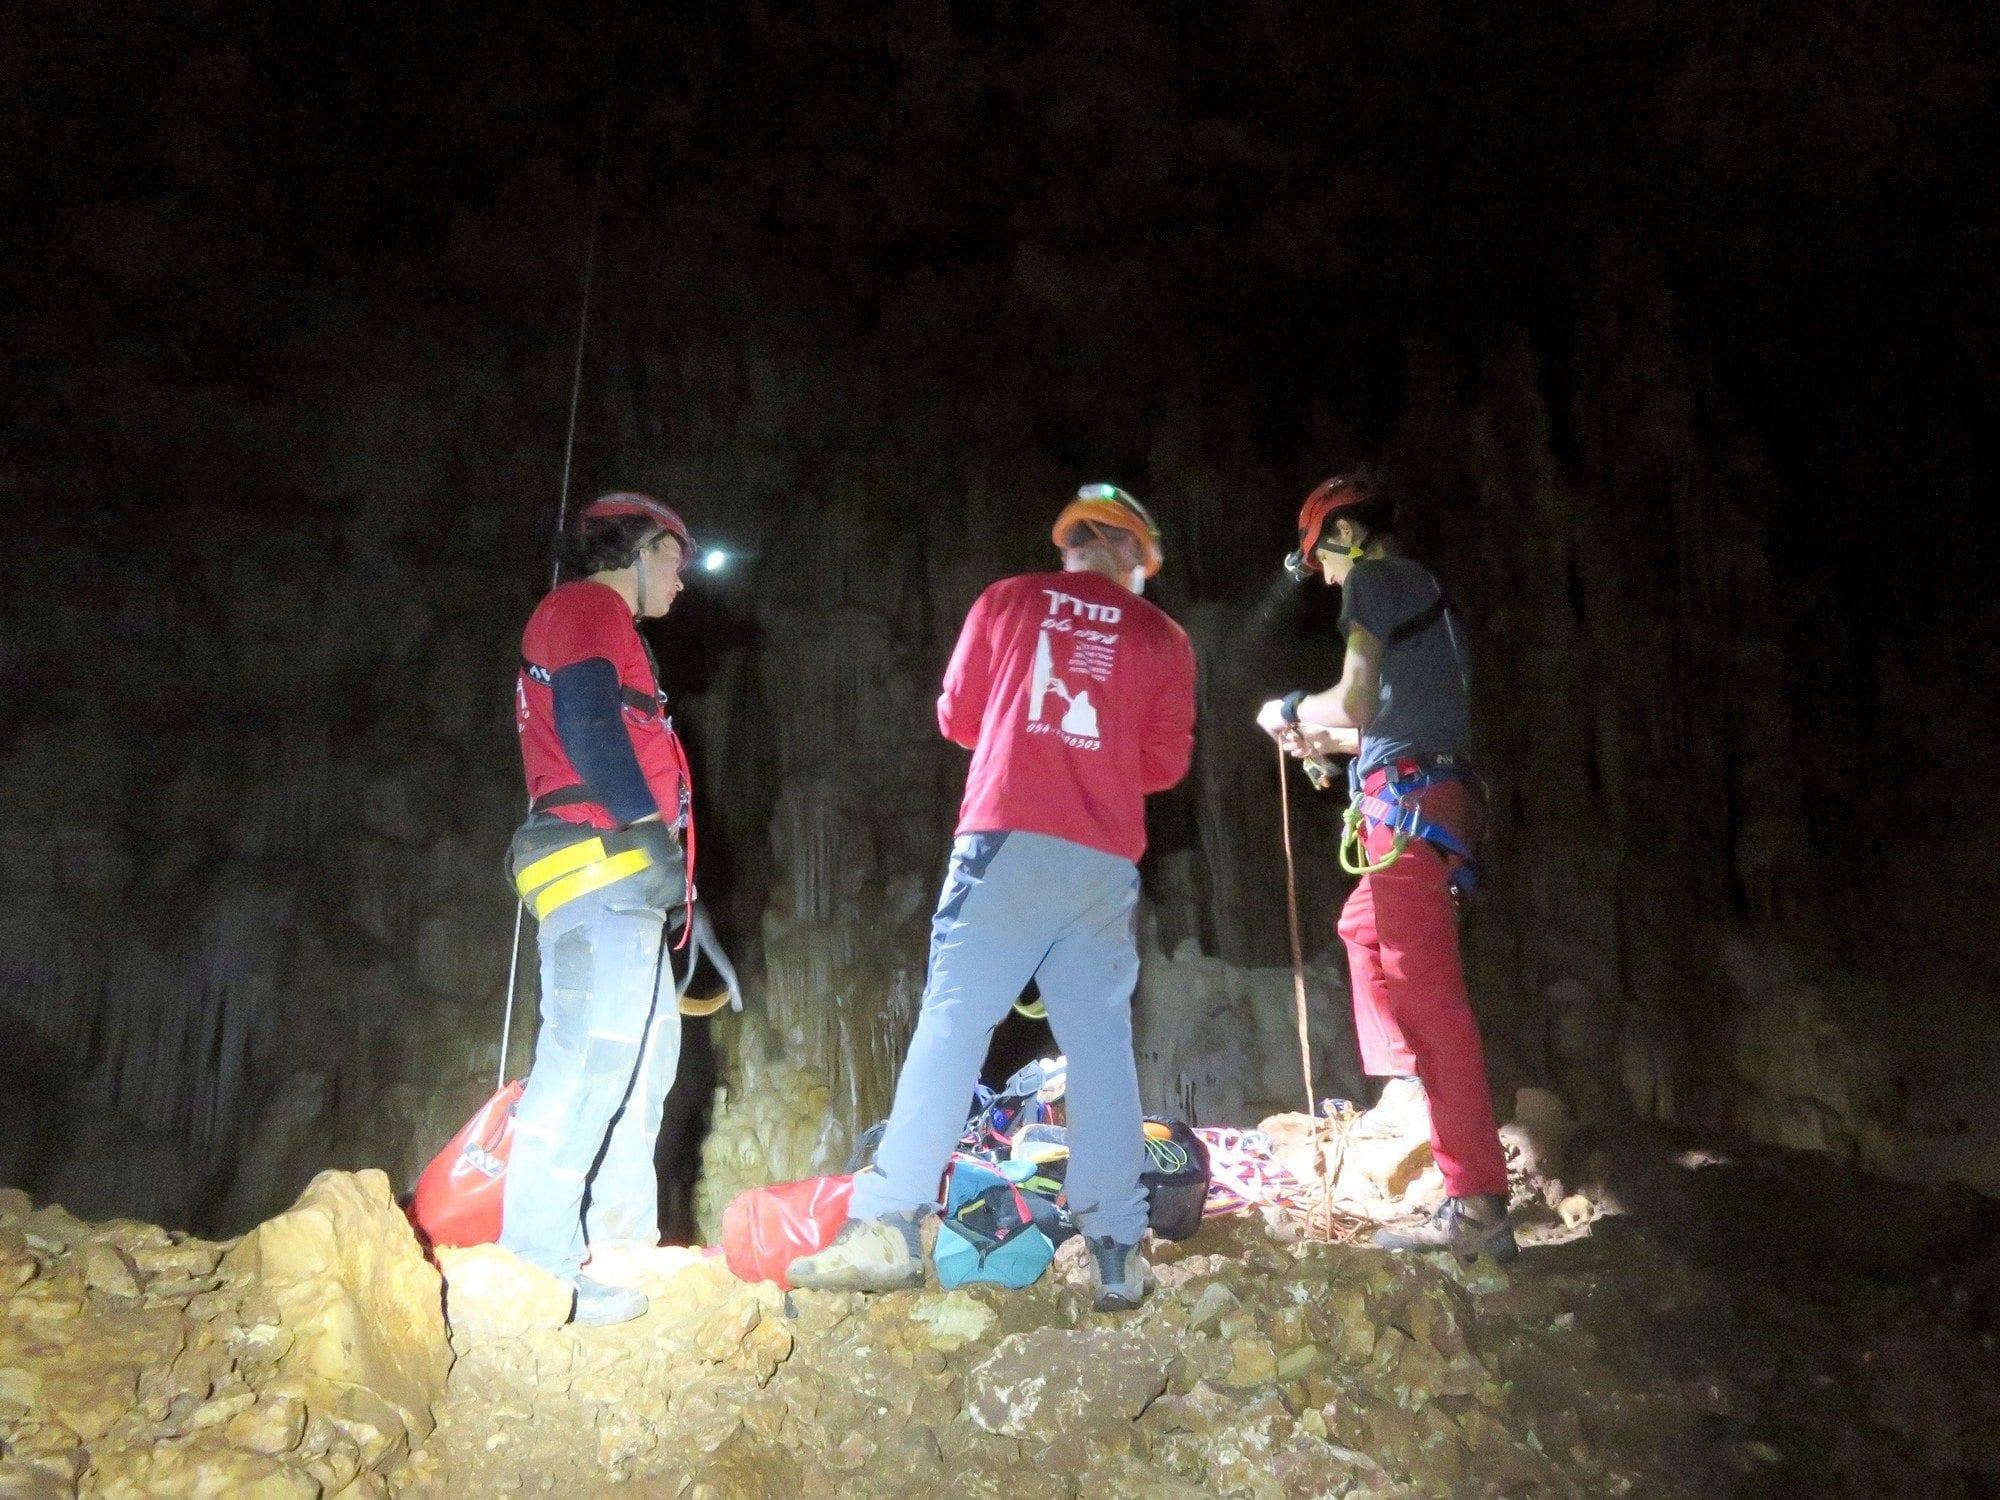 טיול סנפלינג אתגרי למערת נטיפים עם ערוצים בטבע